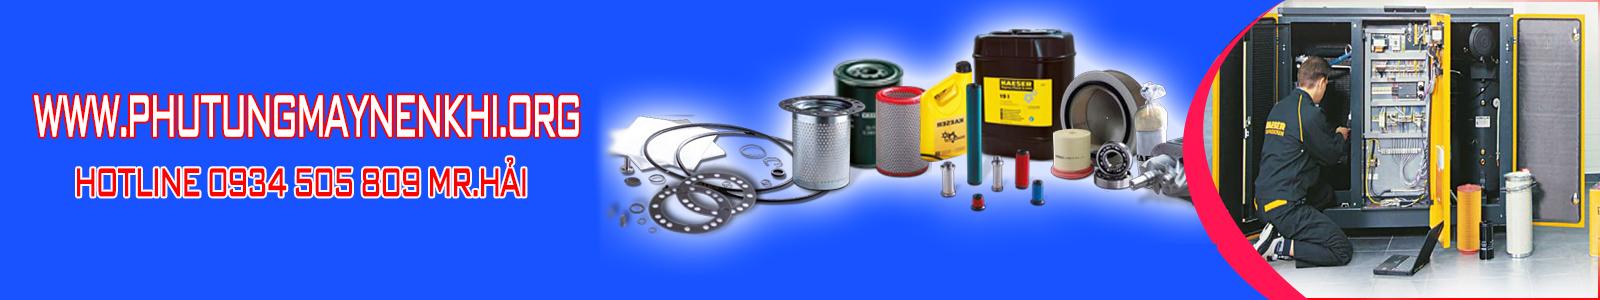 Phụ tùng máy nén khí , máy nén khí , máy sấy khí , sửa chữa máy nén khí trục vít , sửa chữa máy sấy khí .